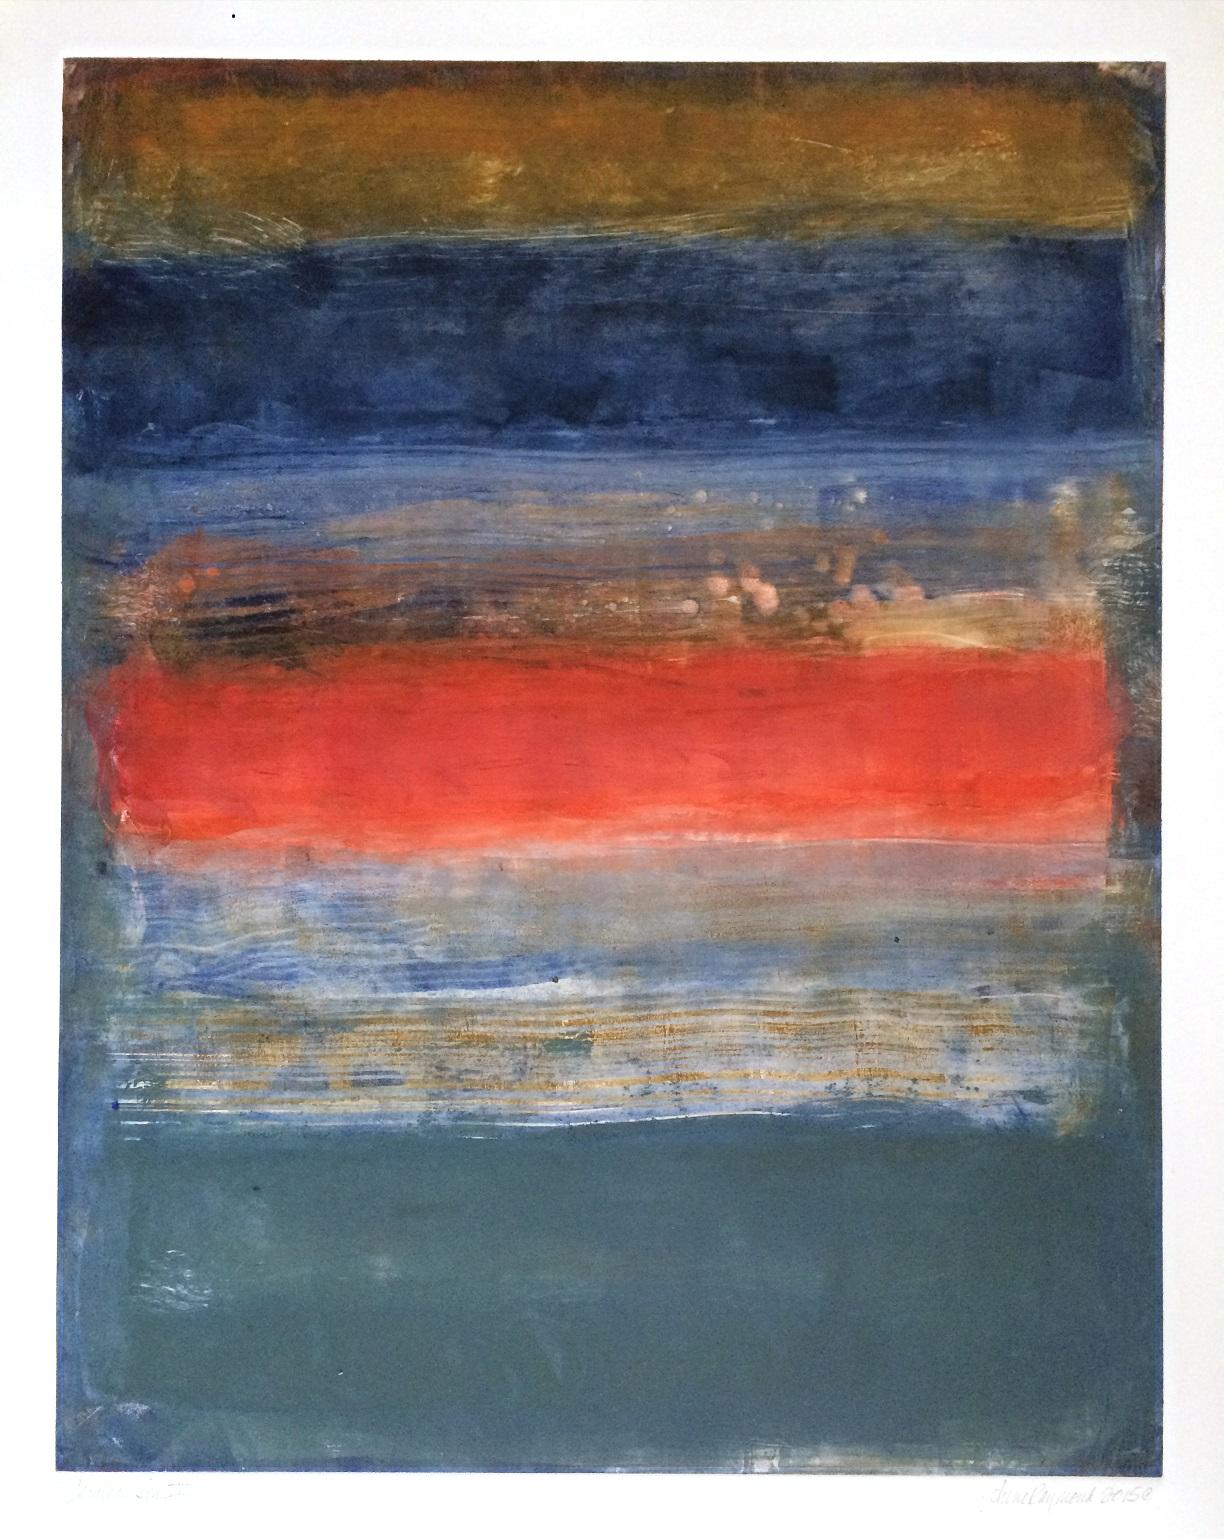 Cerulean Sea VII Mono 28 x 22